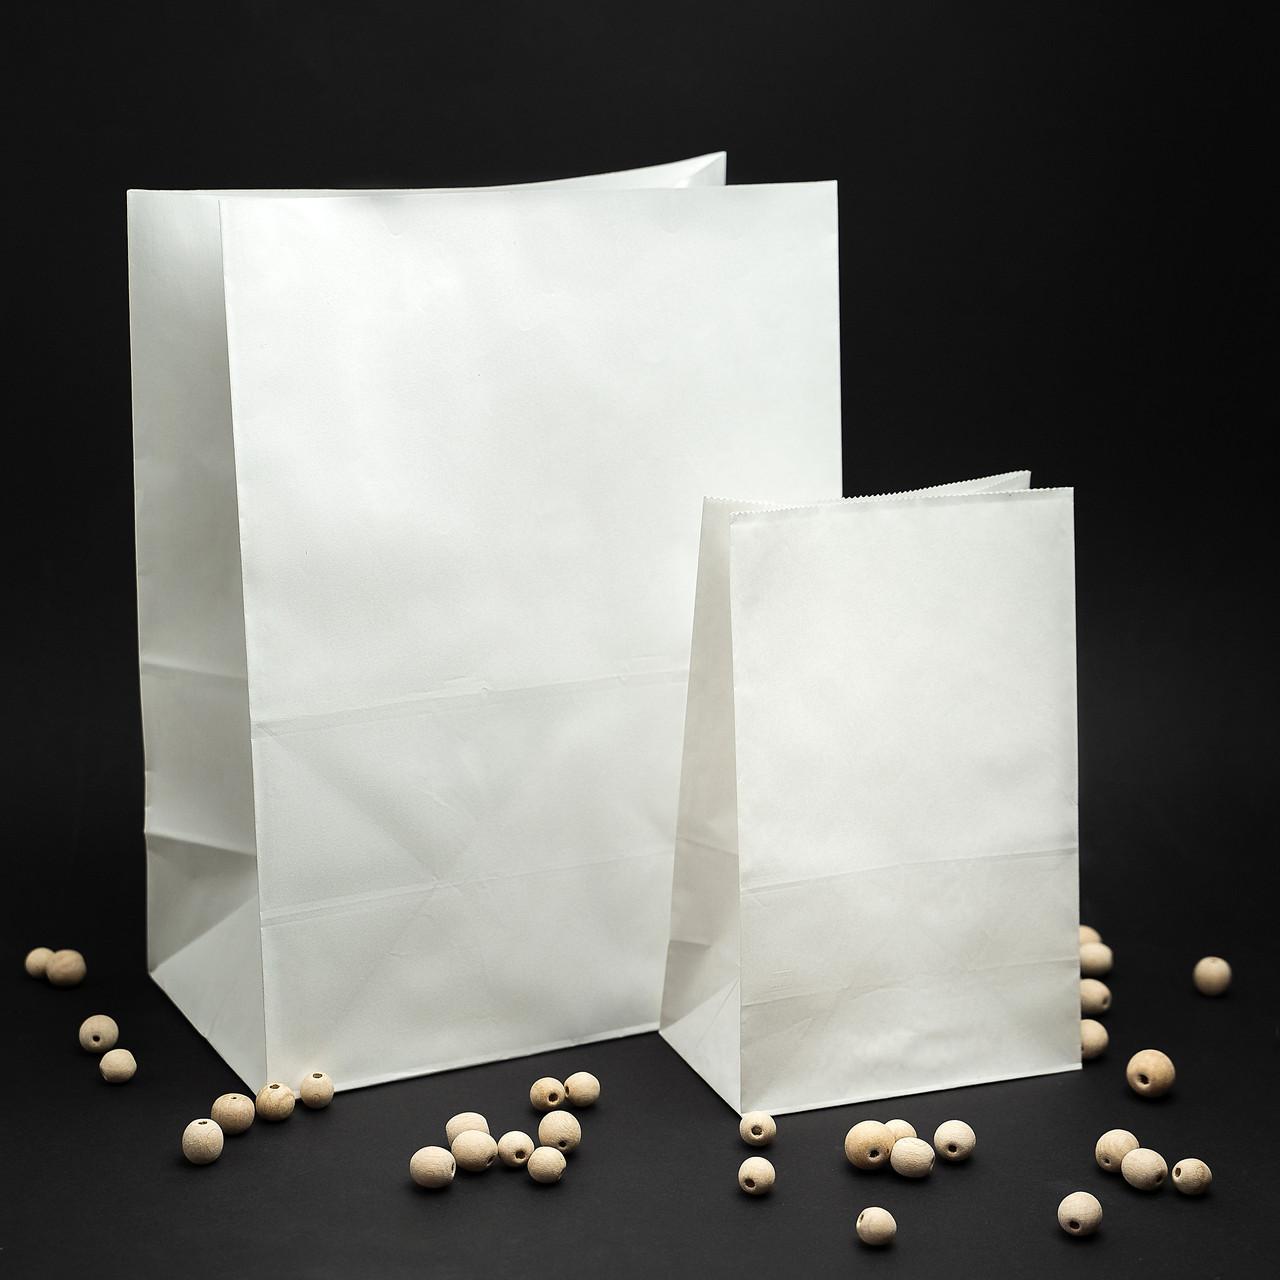 Готовые бумажные пакеты белые 320*150*380 мм Крафт пакеты с плоским дном, упаковка 500 штук